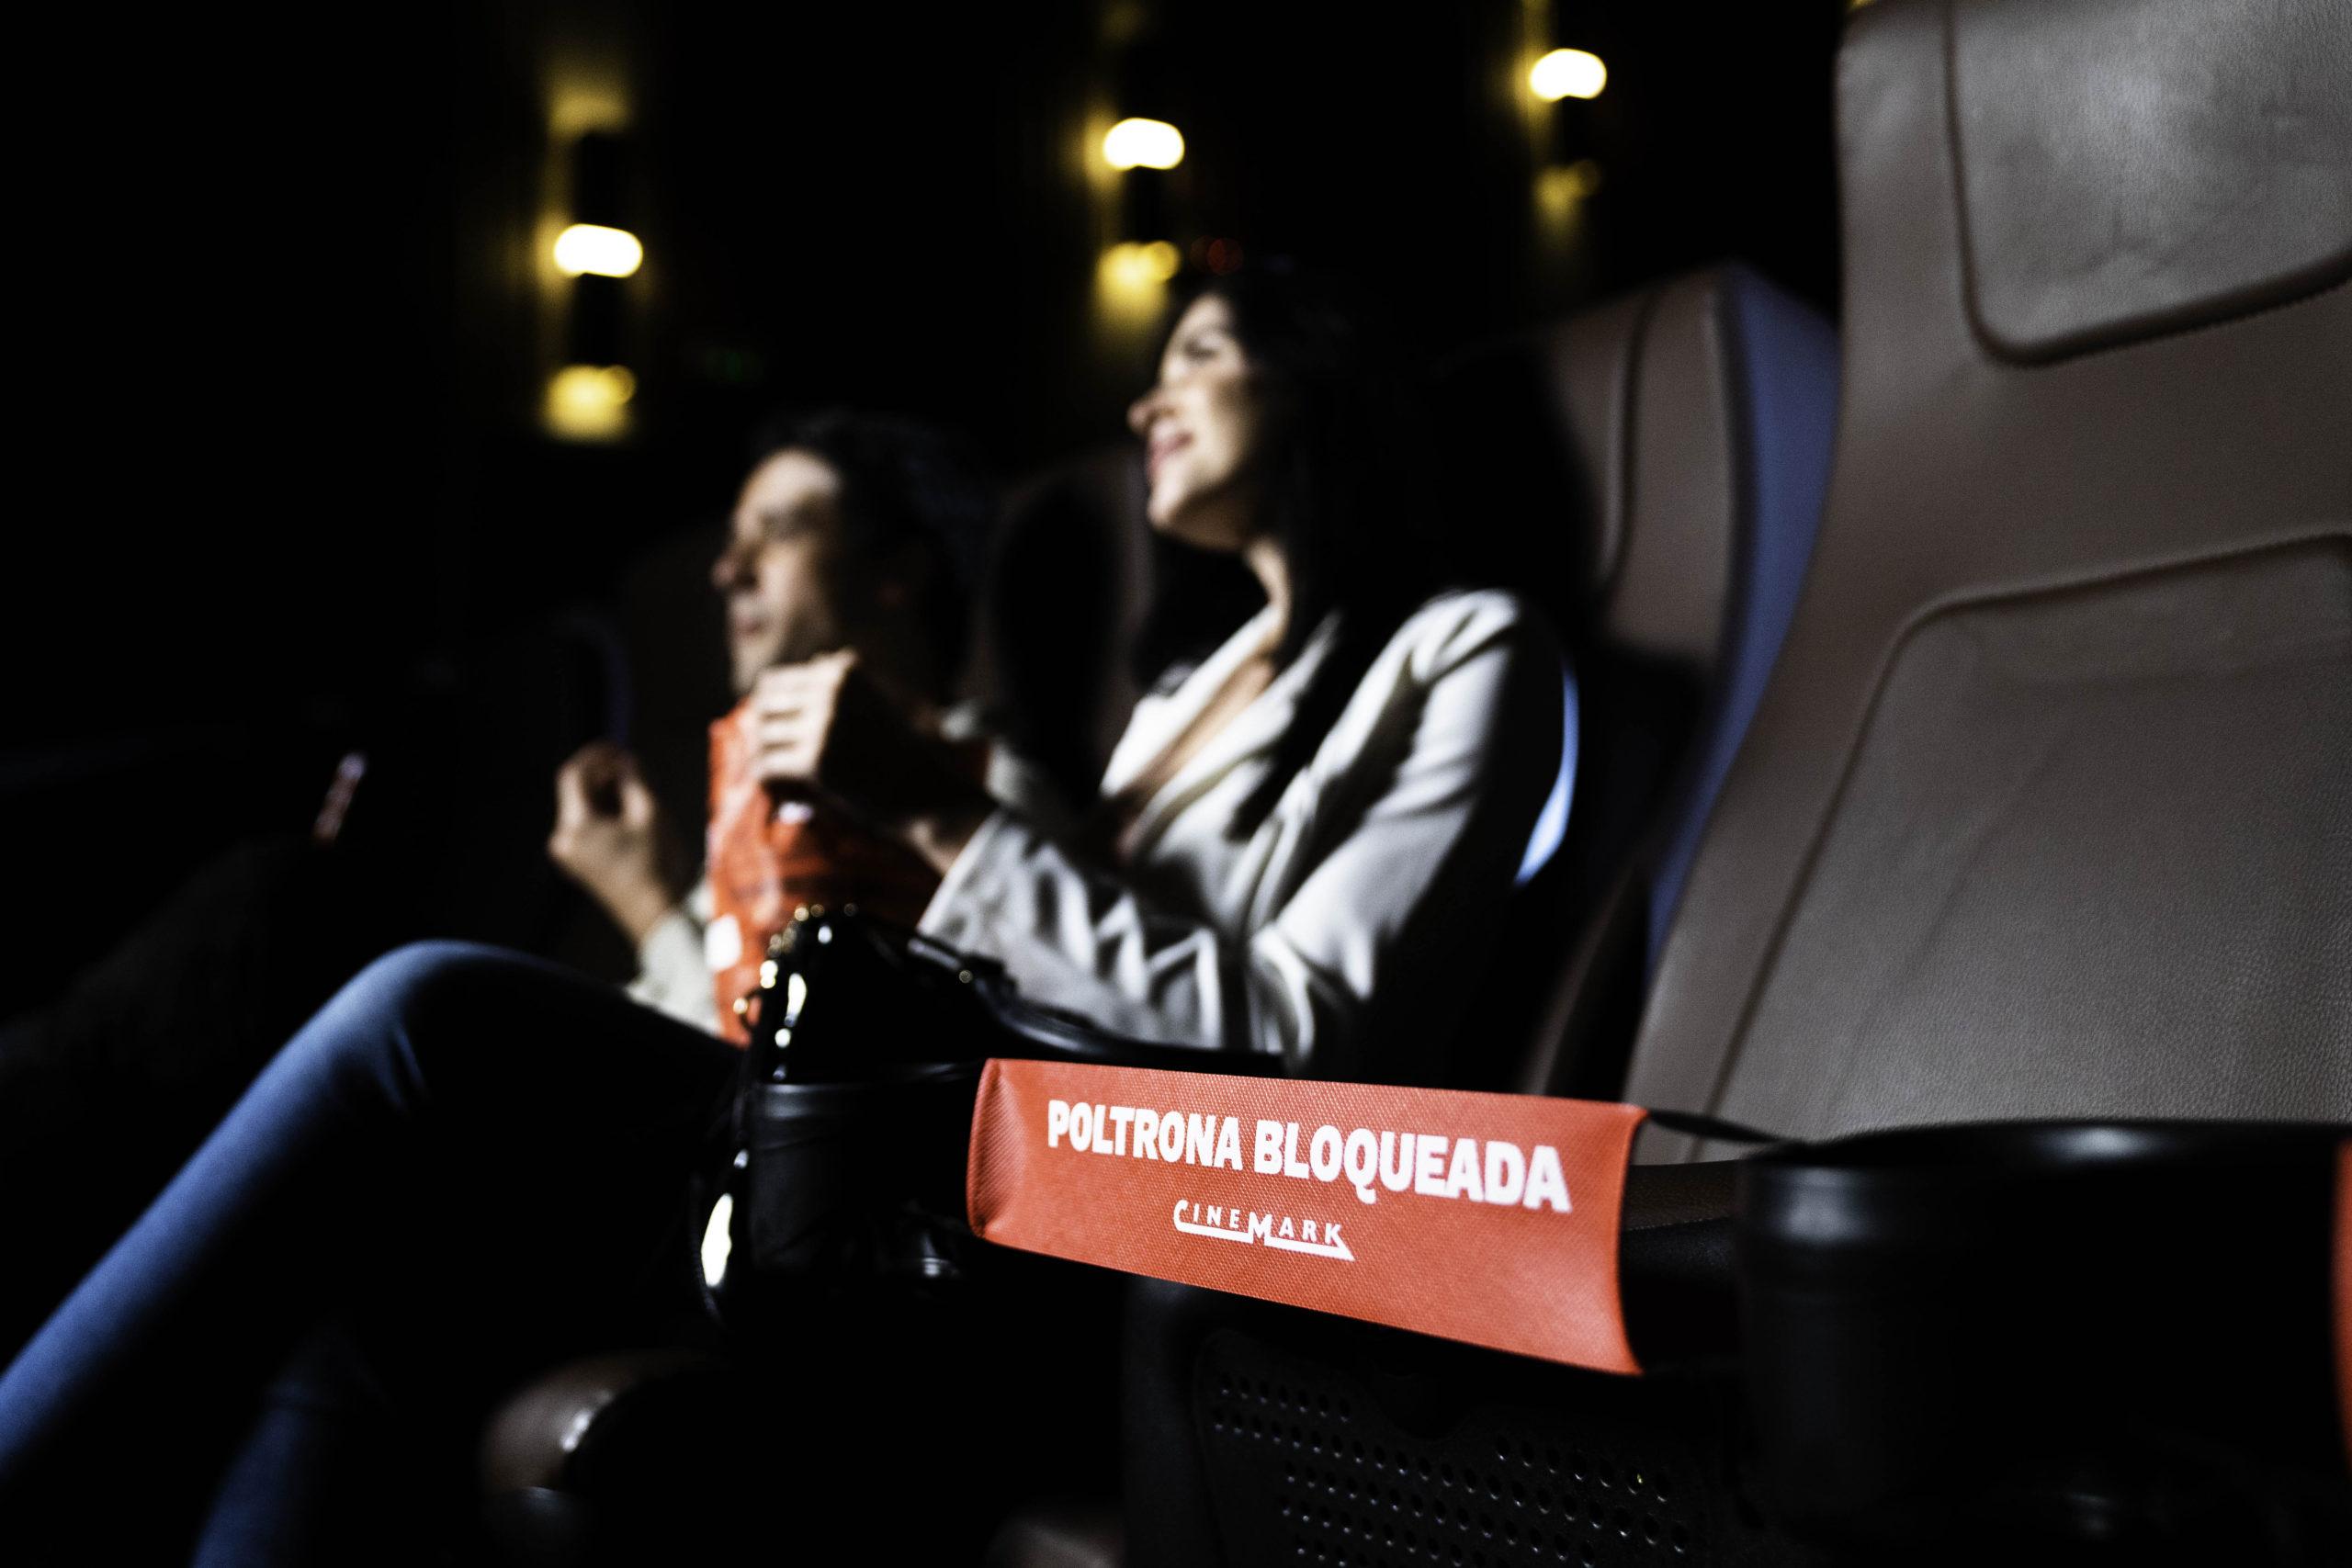 Cinemark anuncia a reabertura de 4 complexos em 3 cidades nesta semana